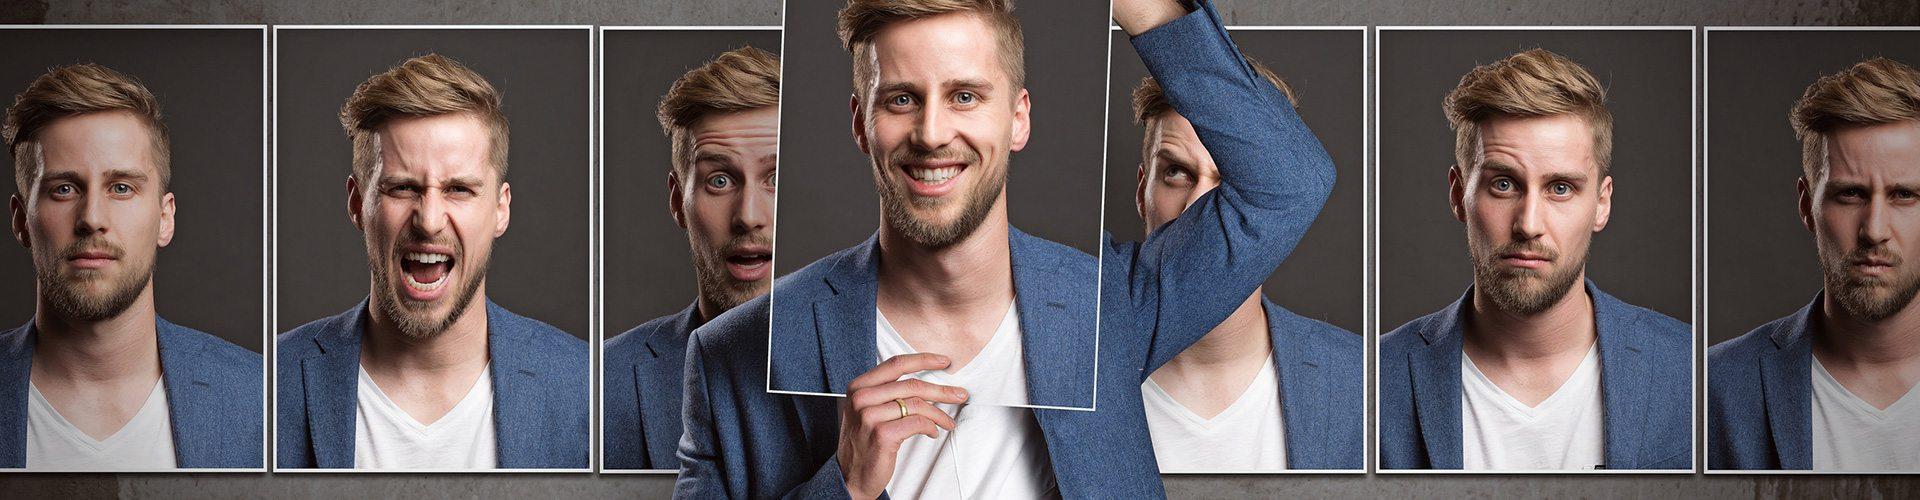 Fotomontage eines Mannes aus verschiedenen Schnappschüssen